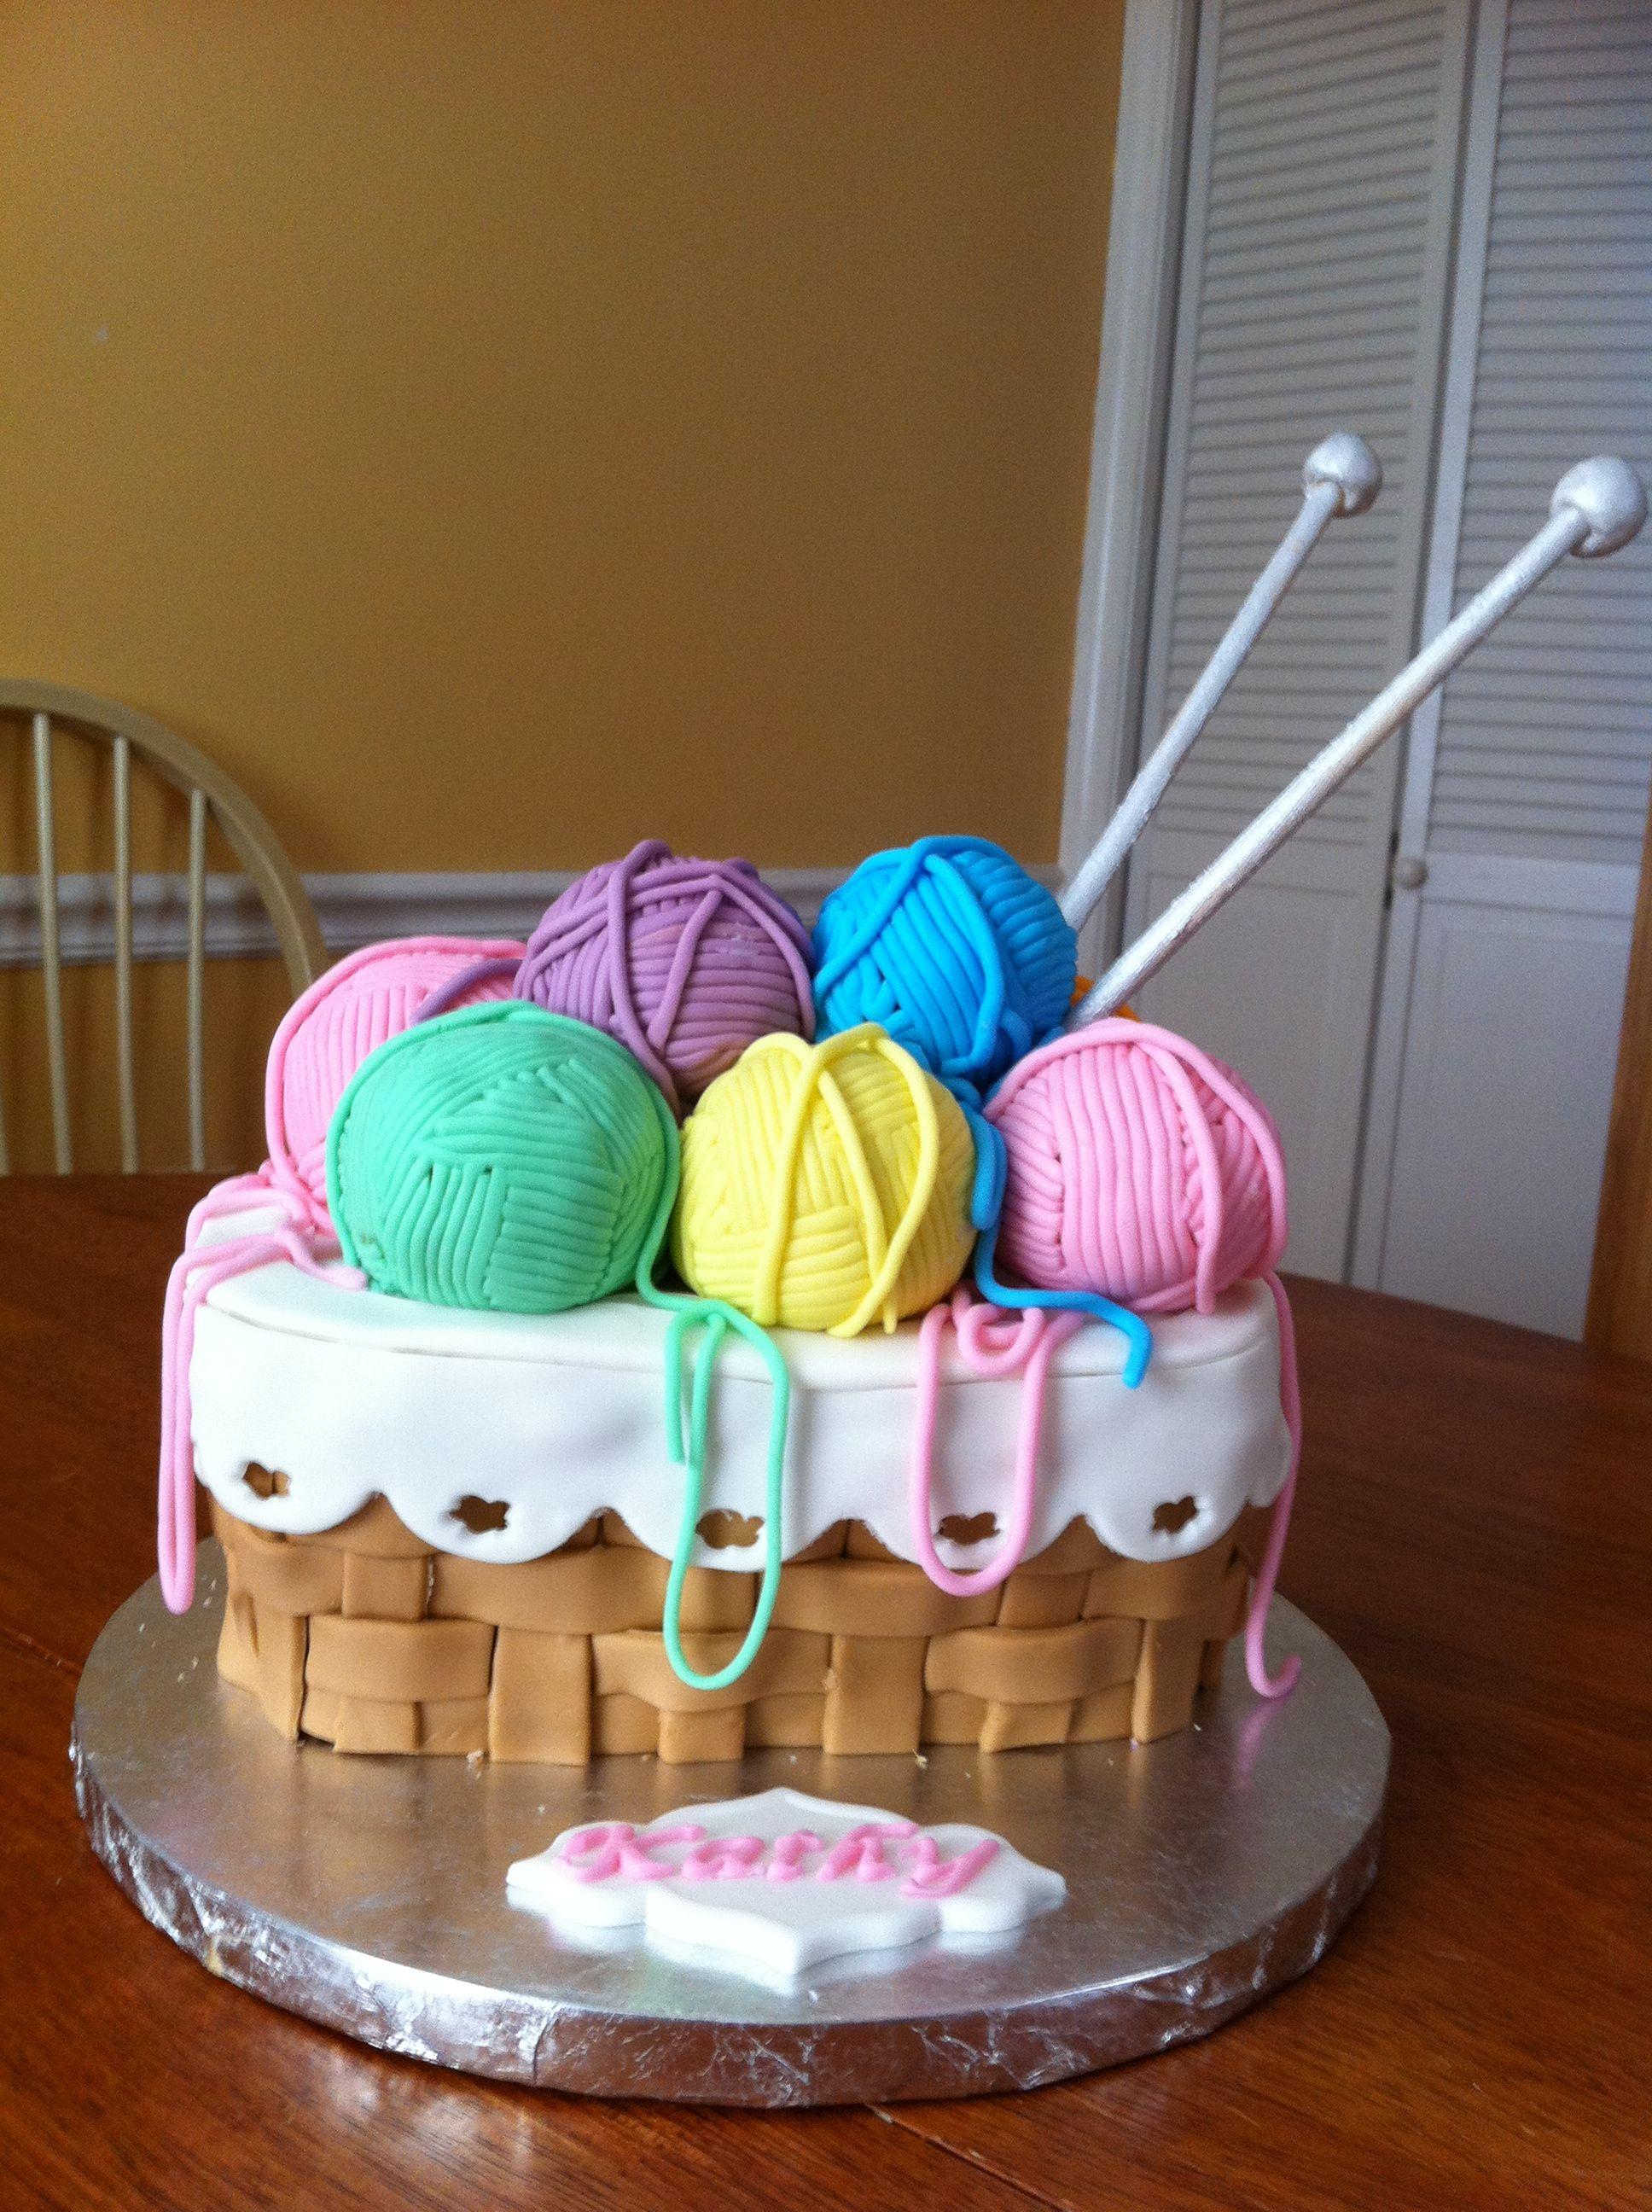 knitting cake. (With images) Cake decorating, Cake